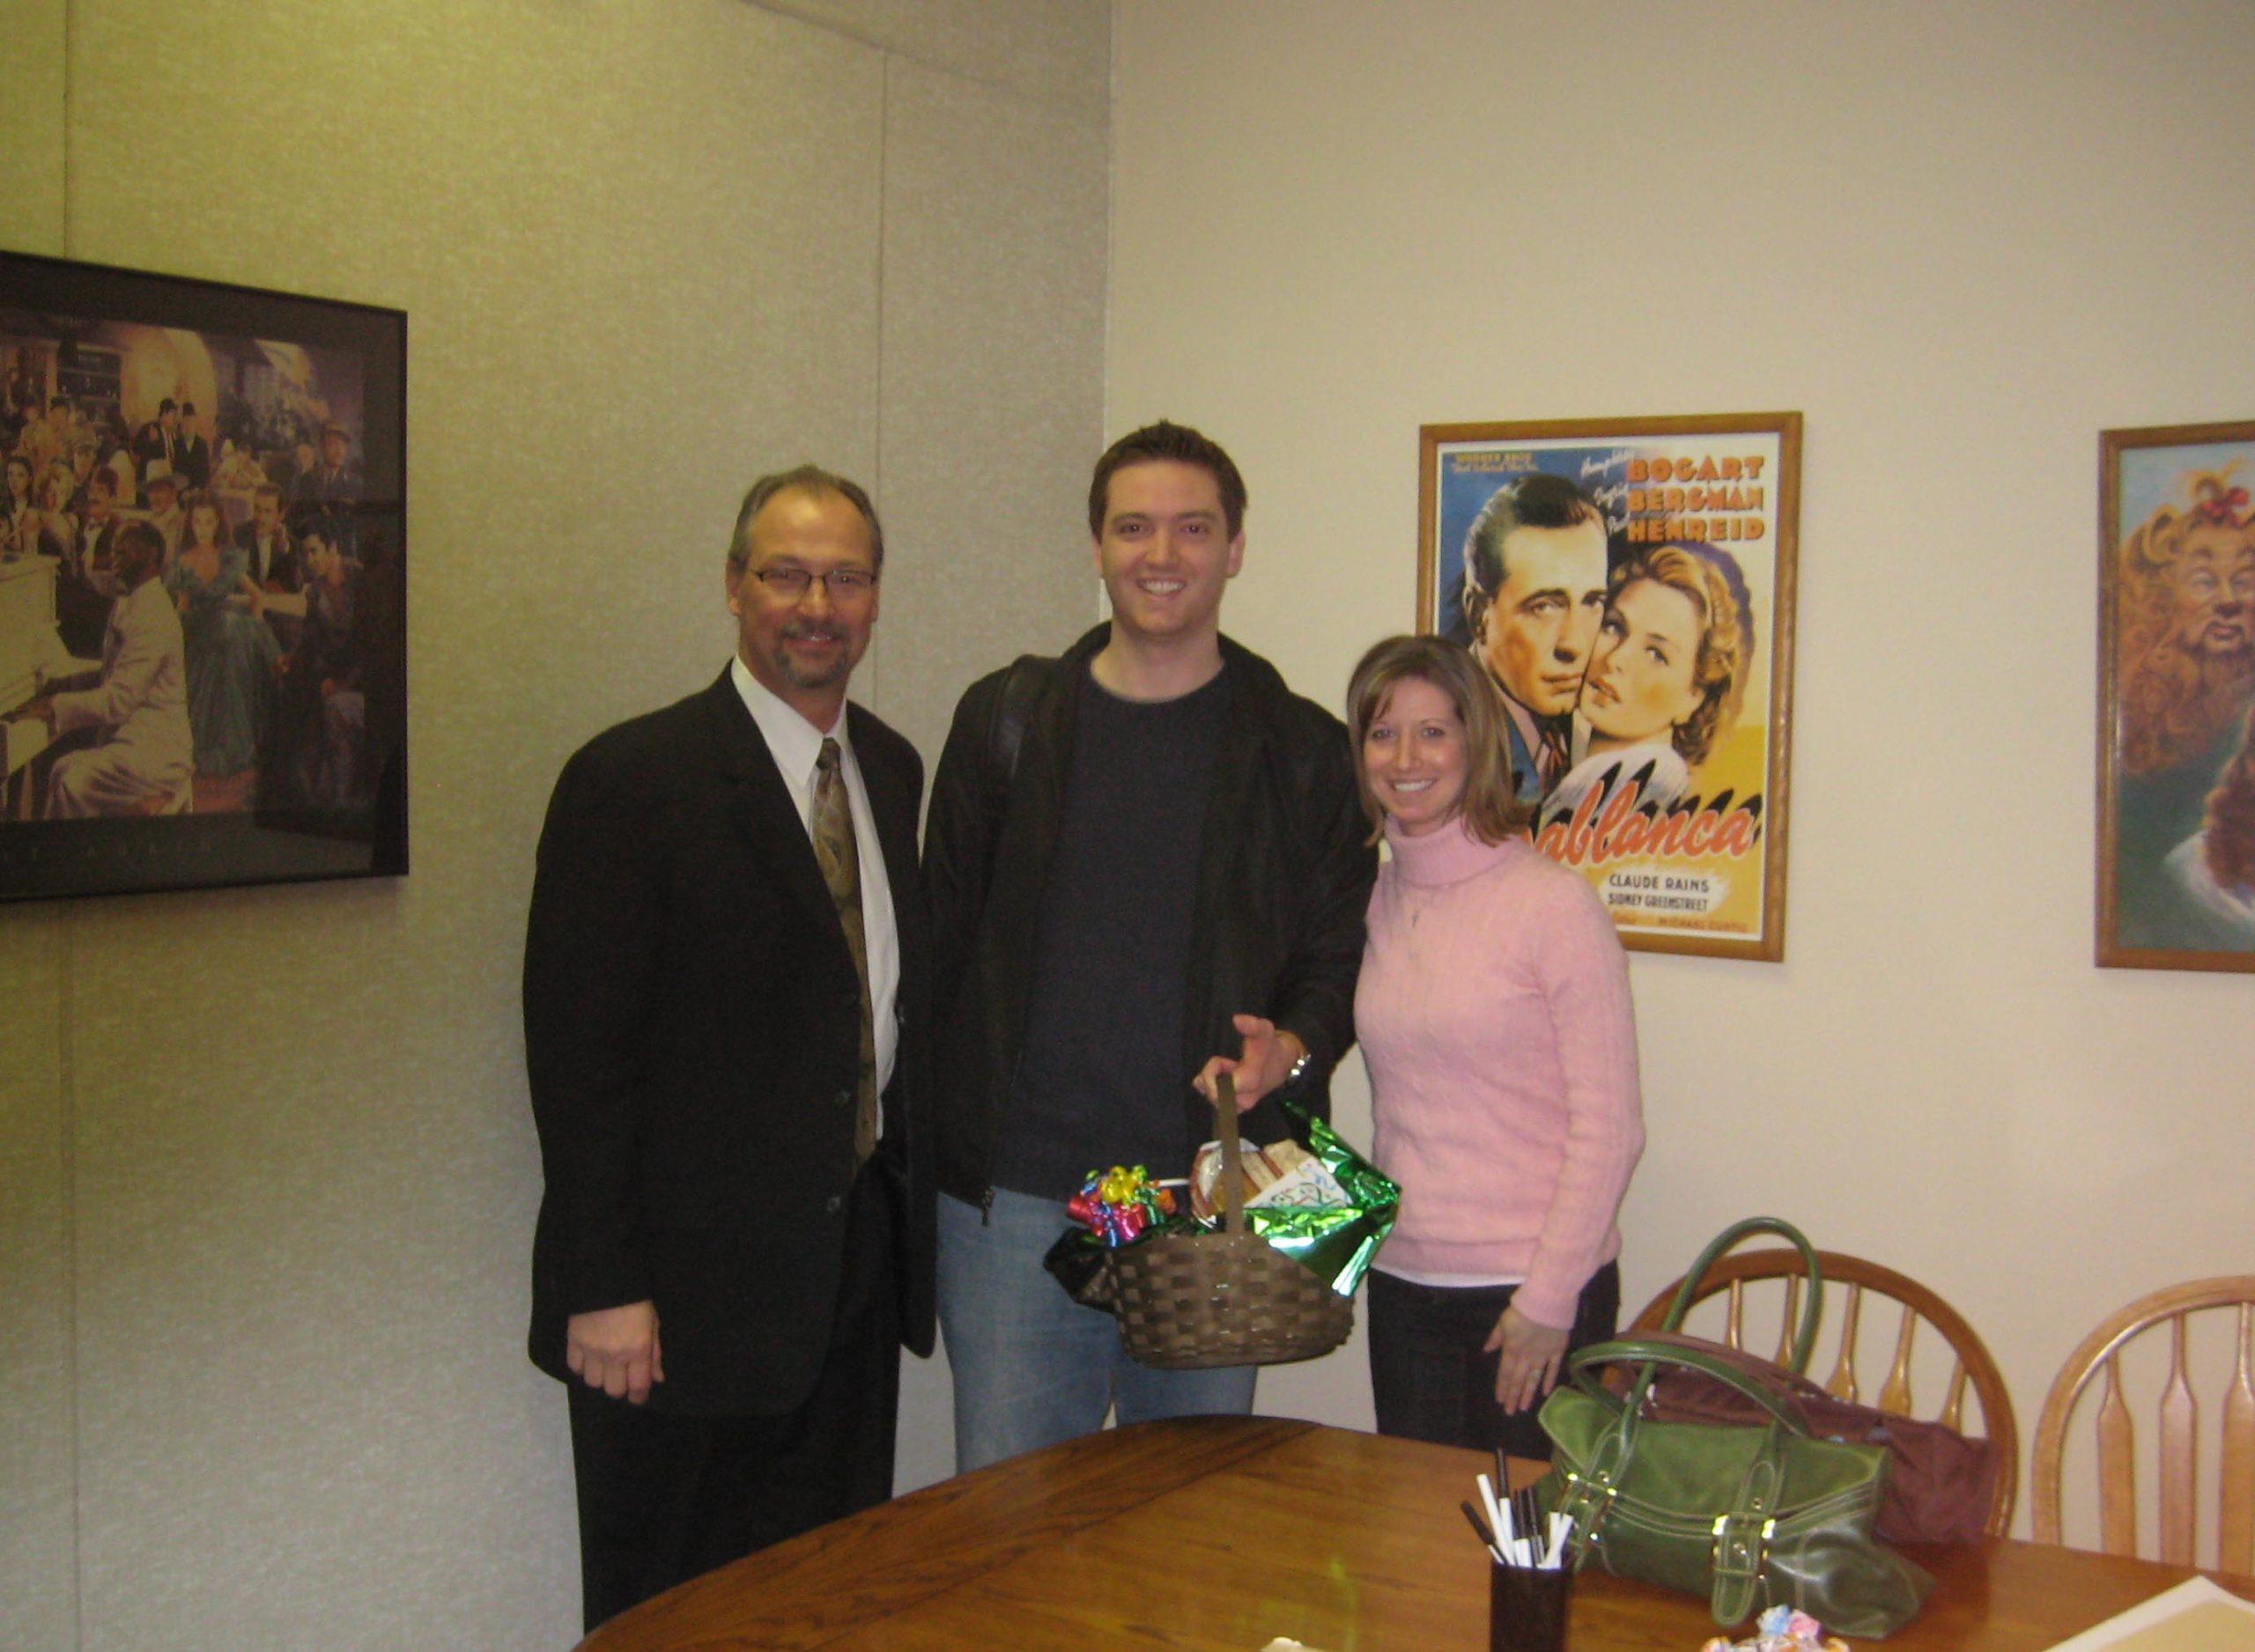 Happy couple with Larry Swinden